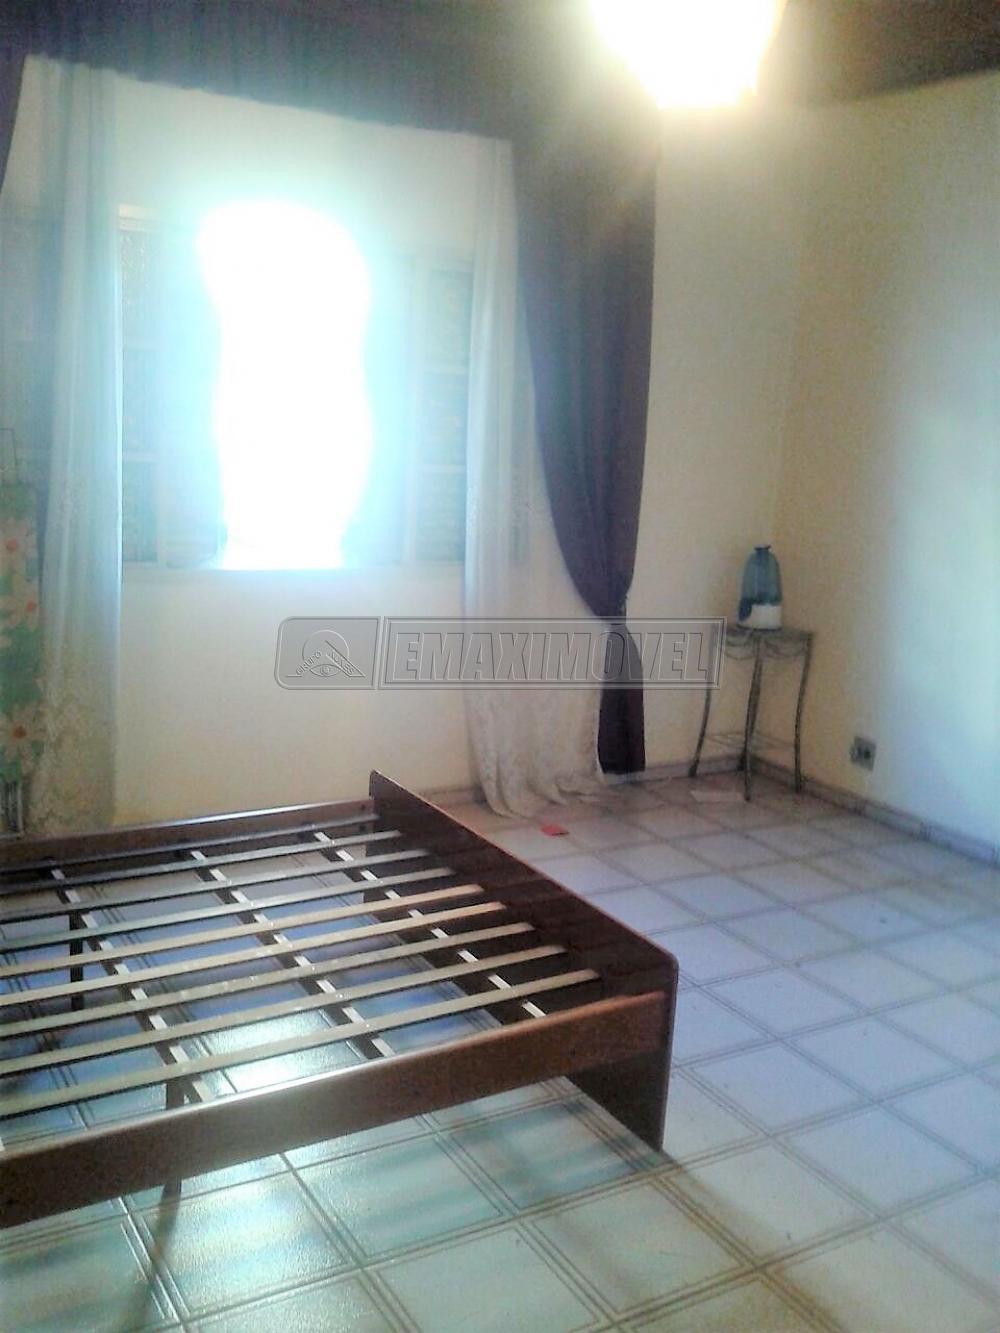 Alugar Casas / Comerciais em Sorocaba apenas R$ 2.300,00 - Foto 8